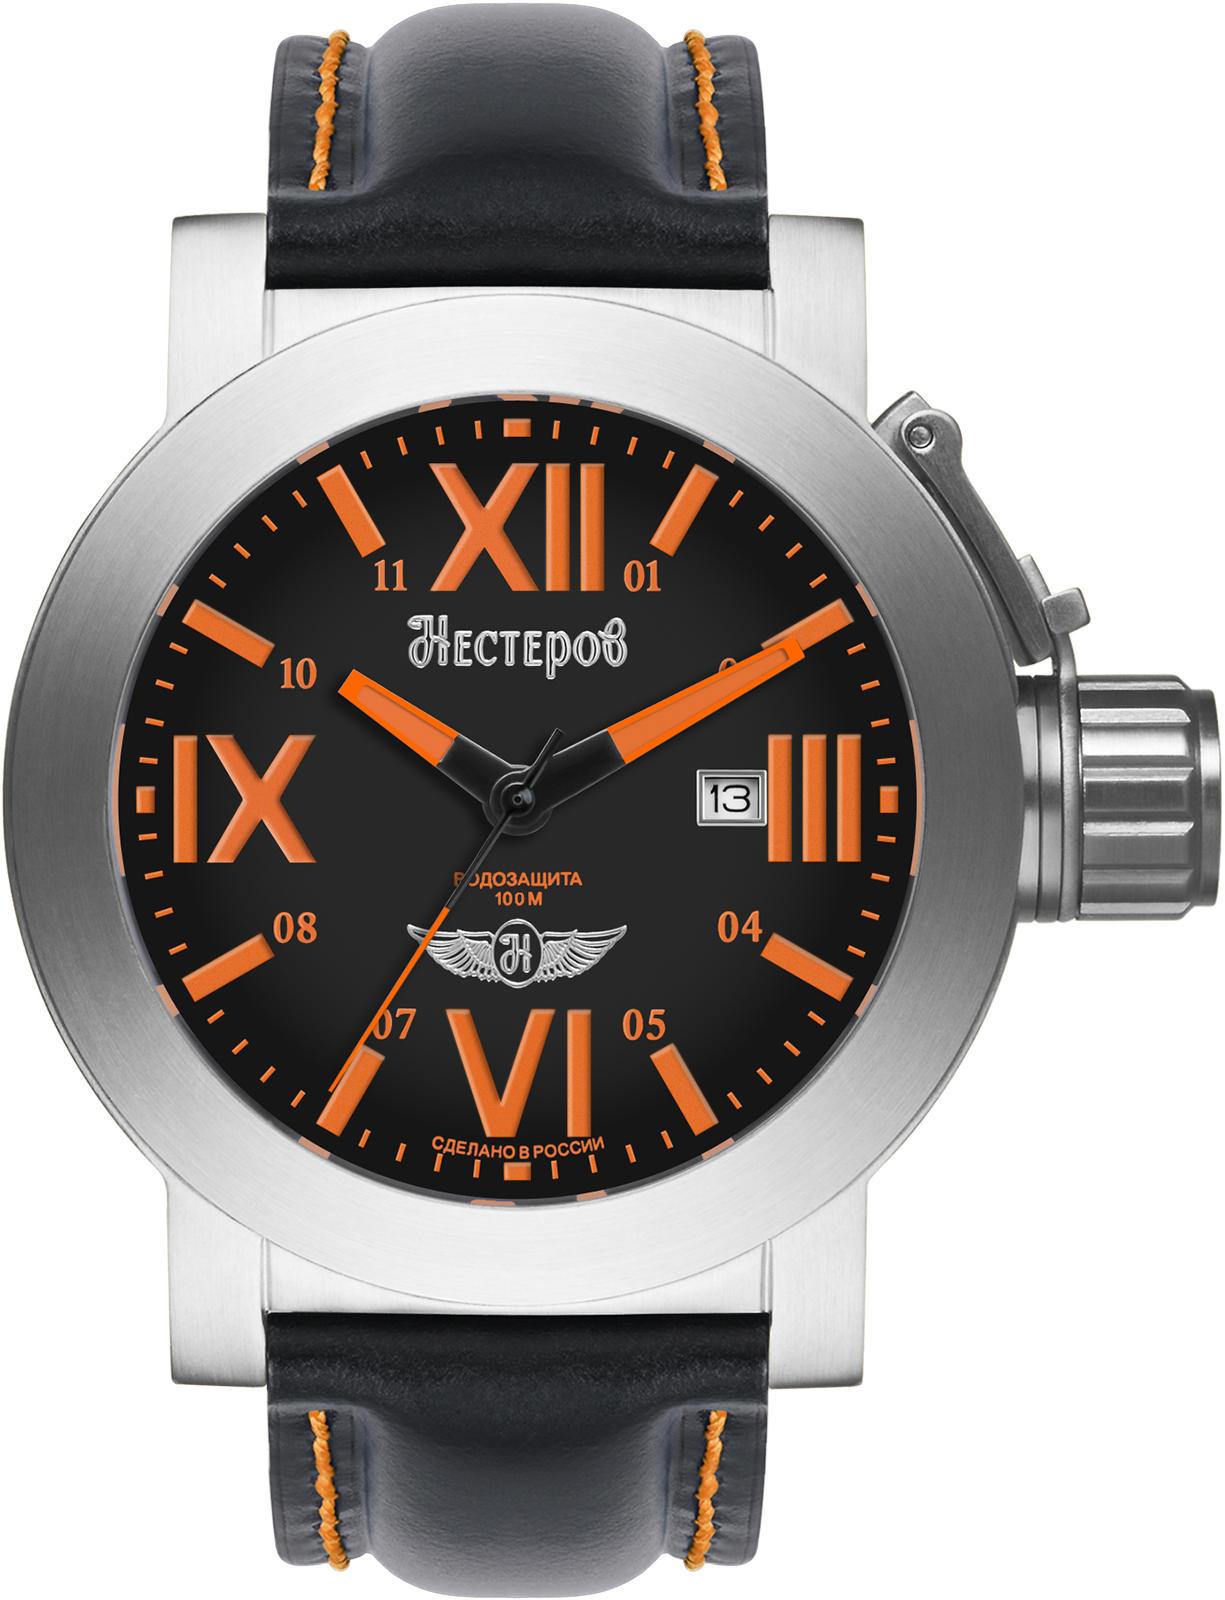 Часы Нестеров H0957A02-13EOR, оранжевыйH0957A02-13EORЧасы мужские наручные